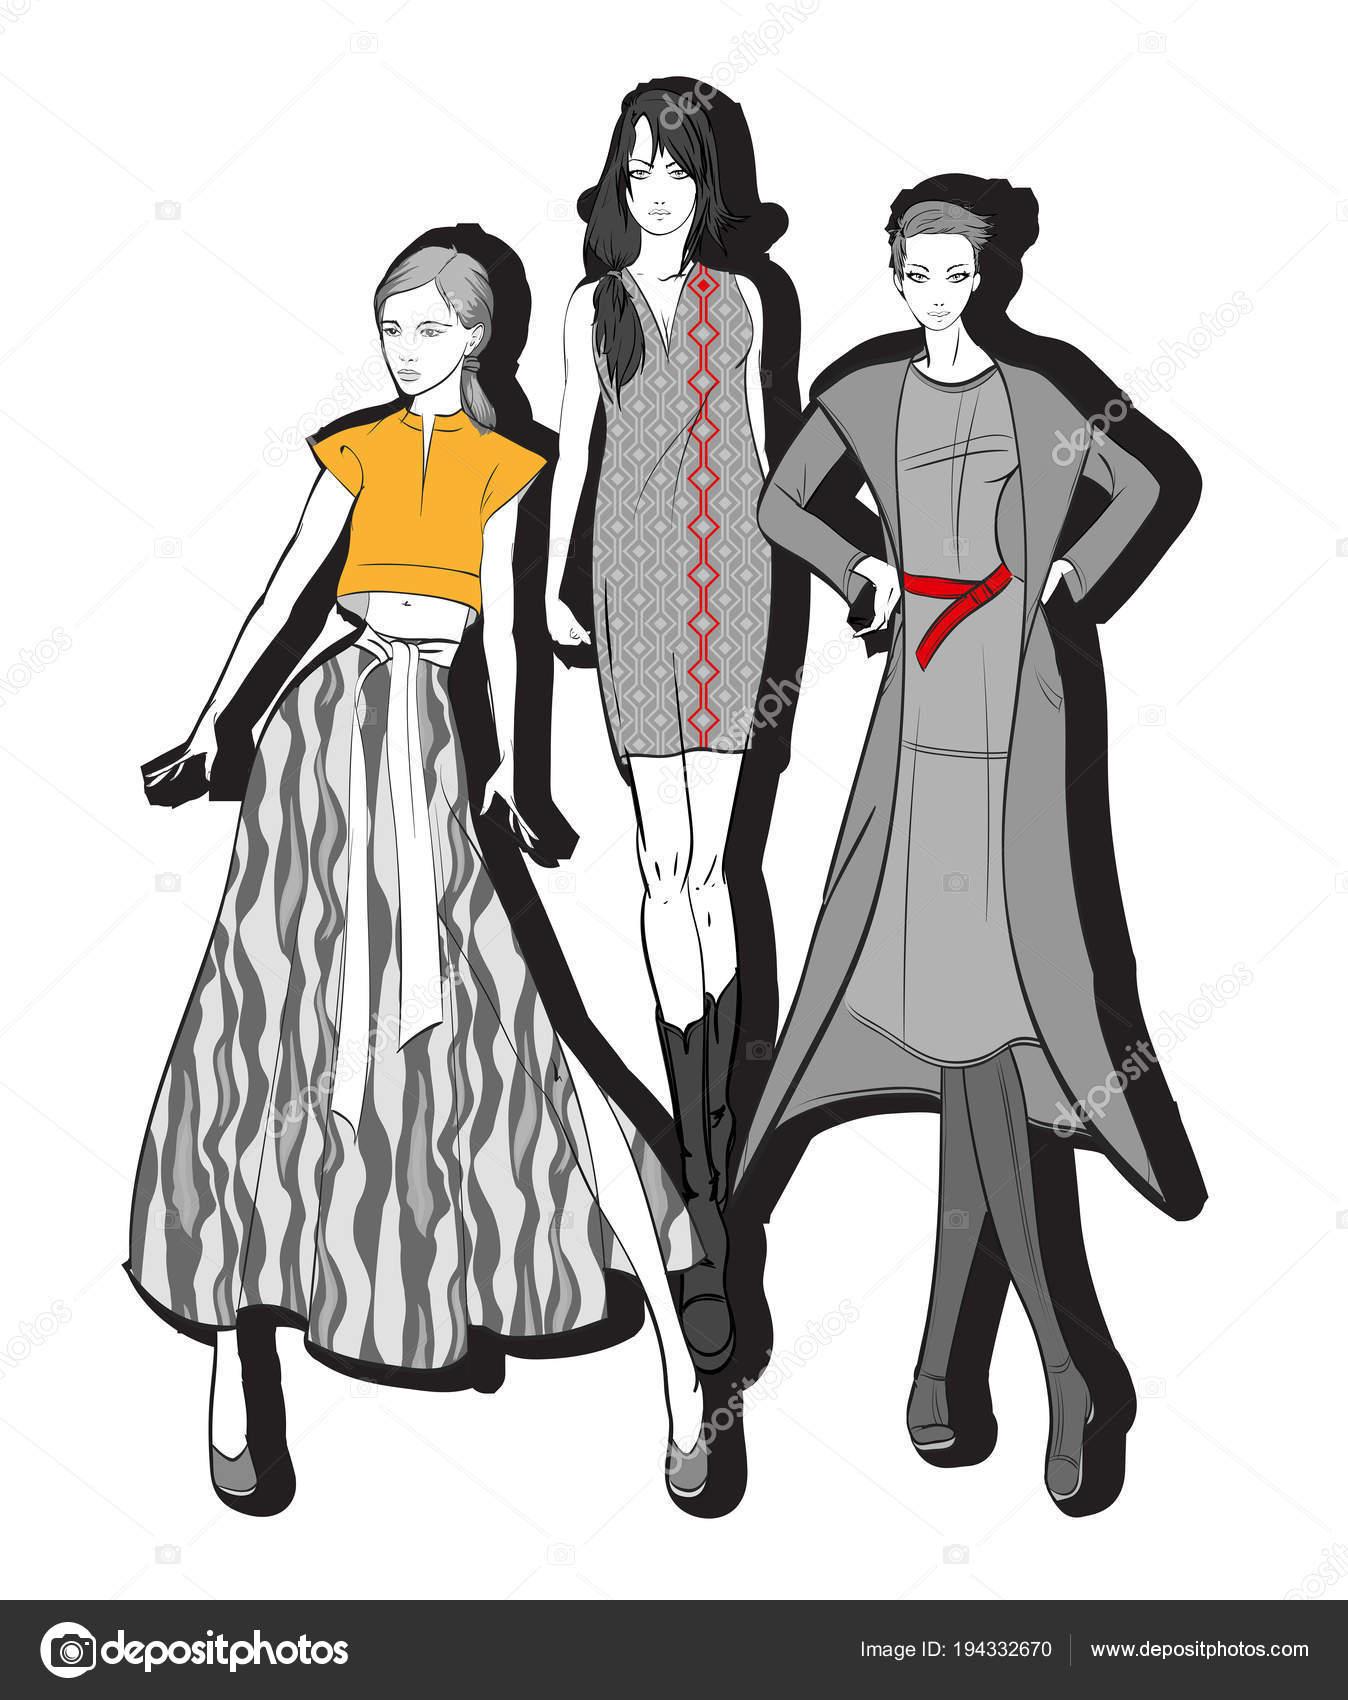 70bbedc0a536 Illustrazione di moda. Modelli di vestiti alla moda. Moda ragazze insieme.  Schizzo. Ragazze in abito e cappotto — Vettoriali di ...